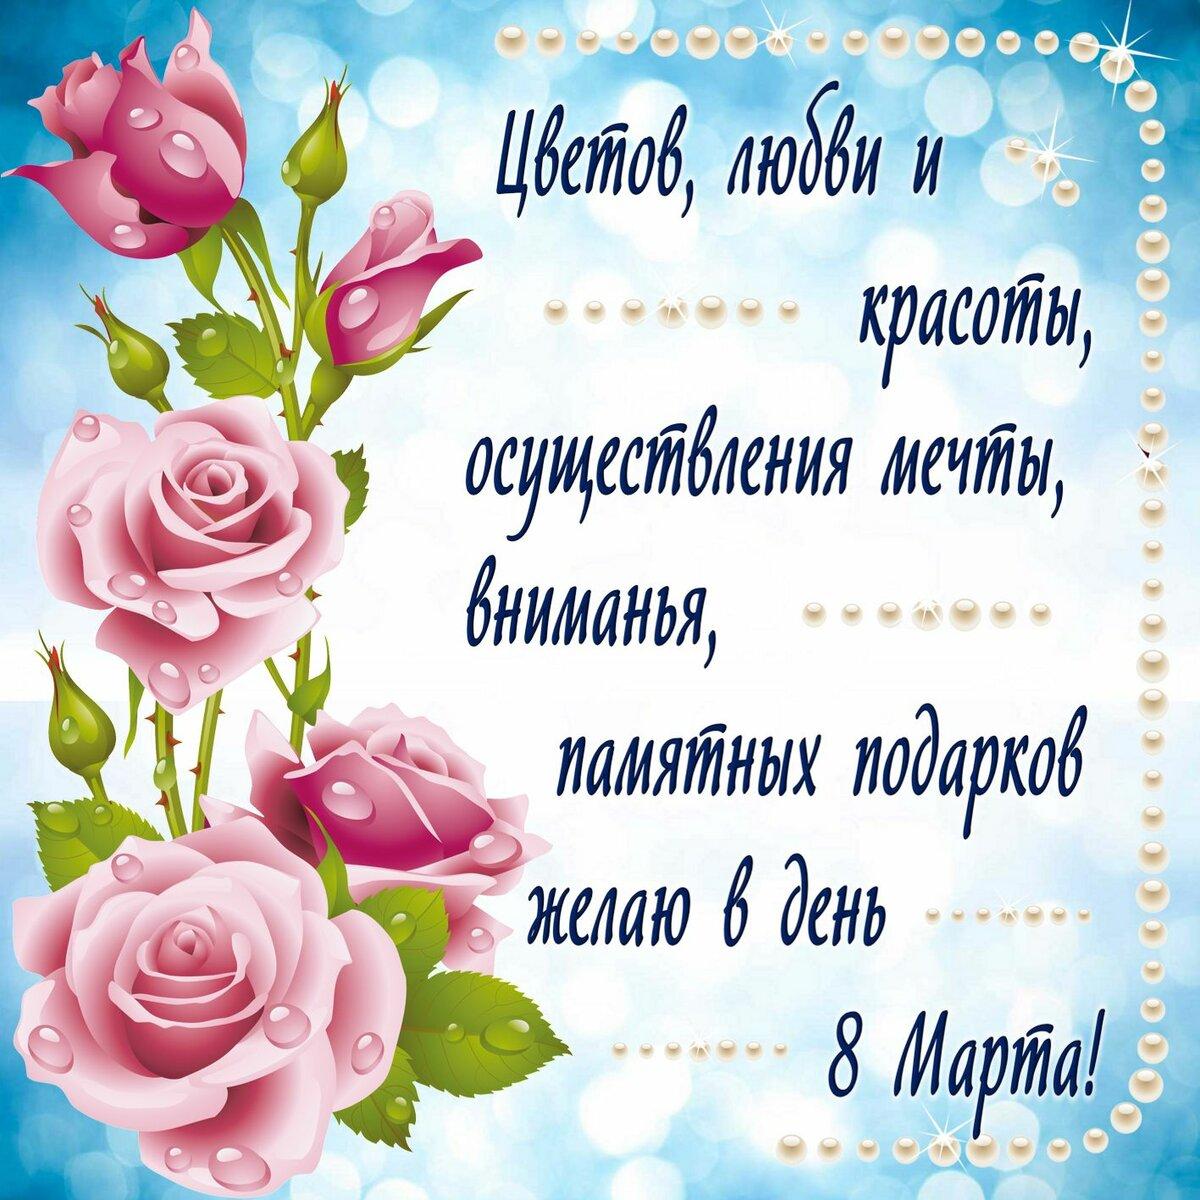 Короткое поздравление женщин с 8 мартом